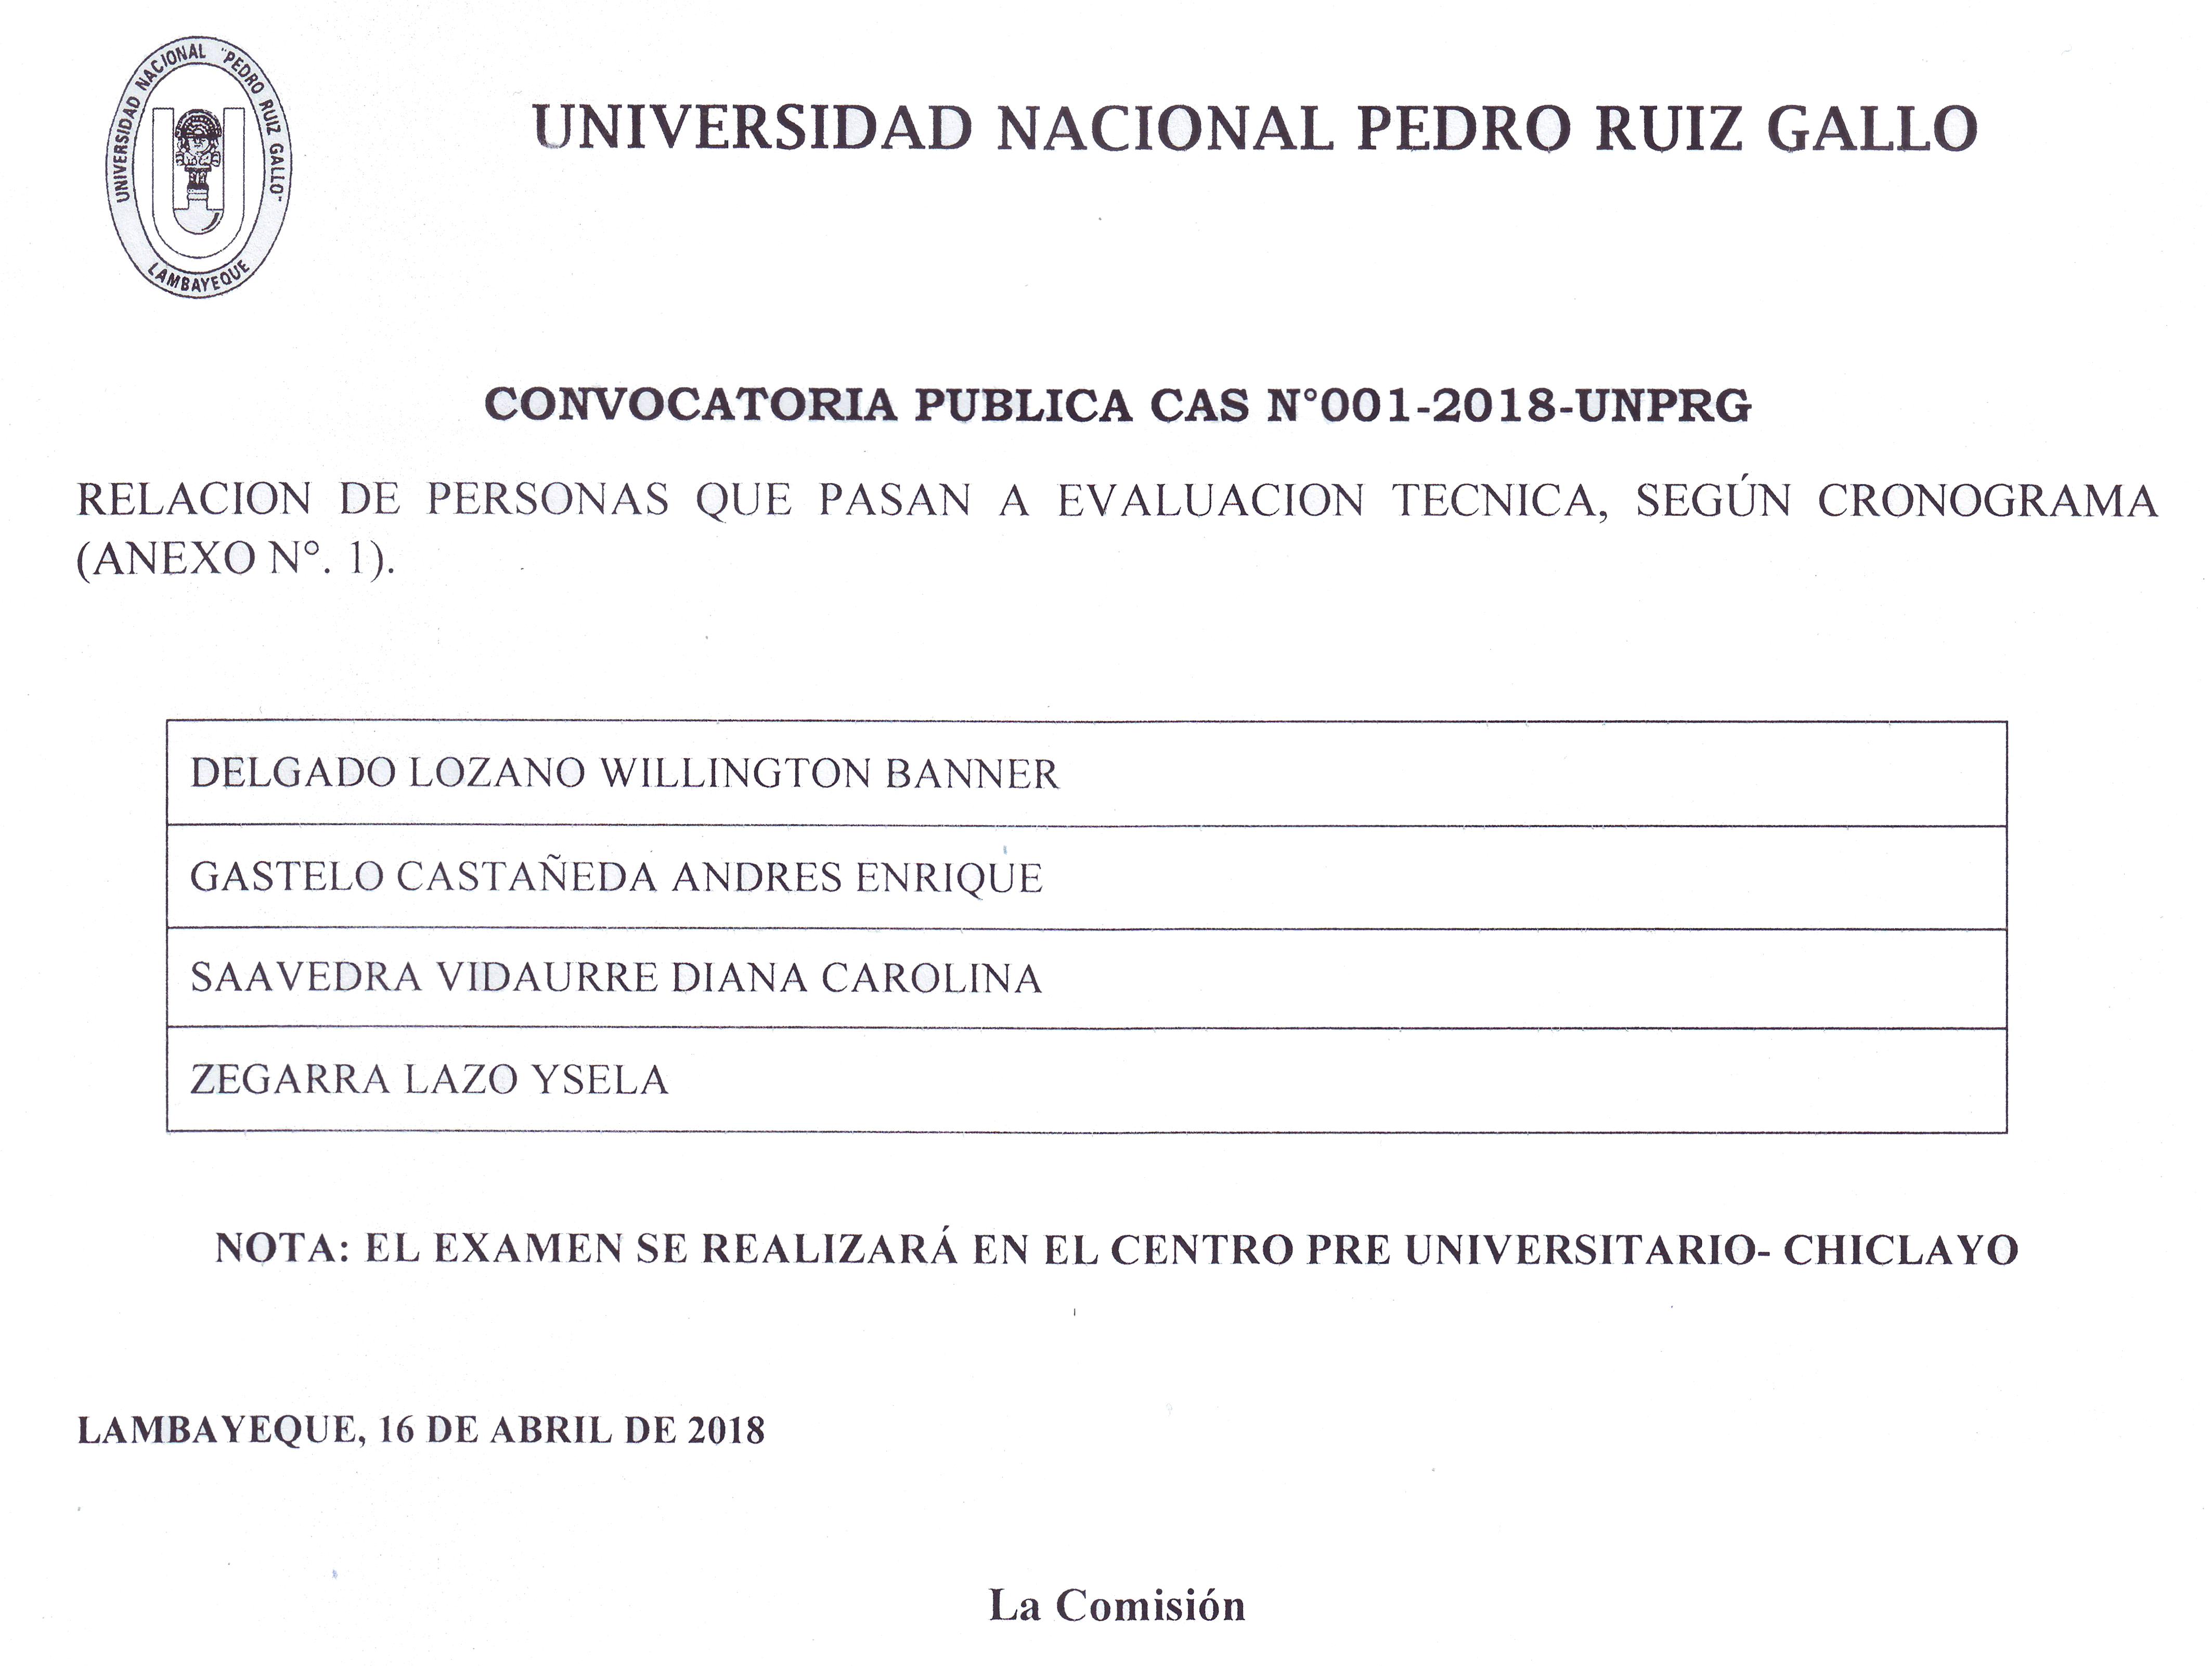 Noticias | Universidad Nacional Pedro Ruiz Gallo | UNPRG